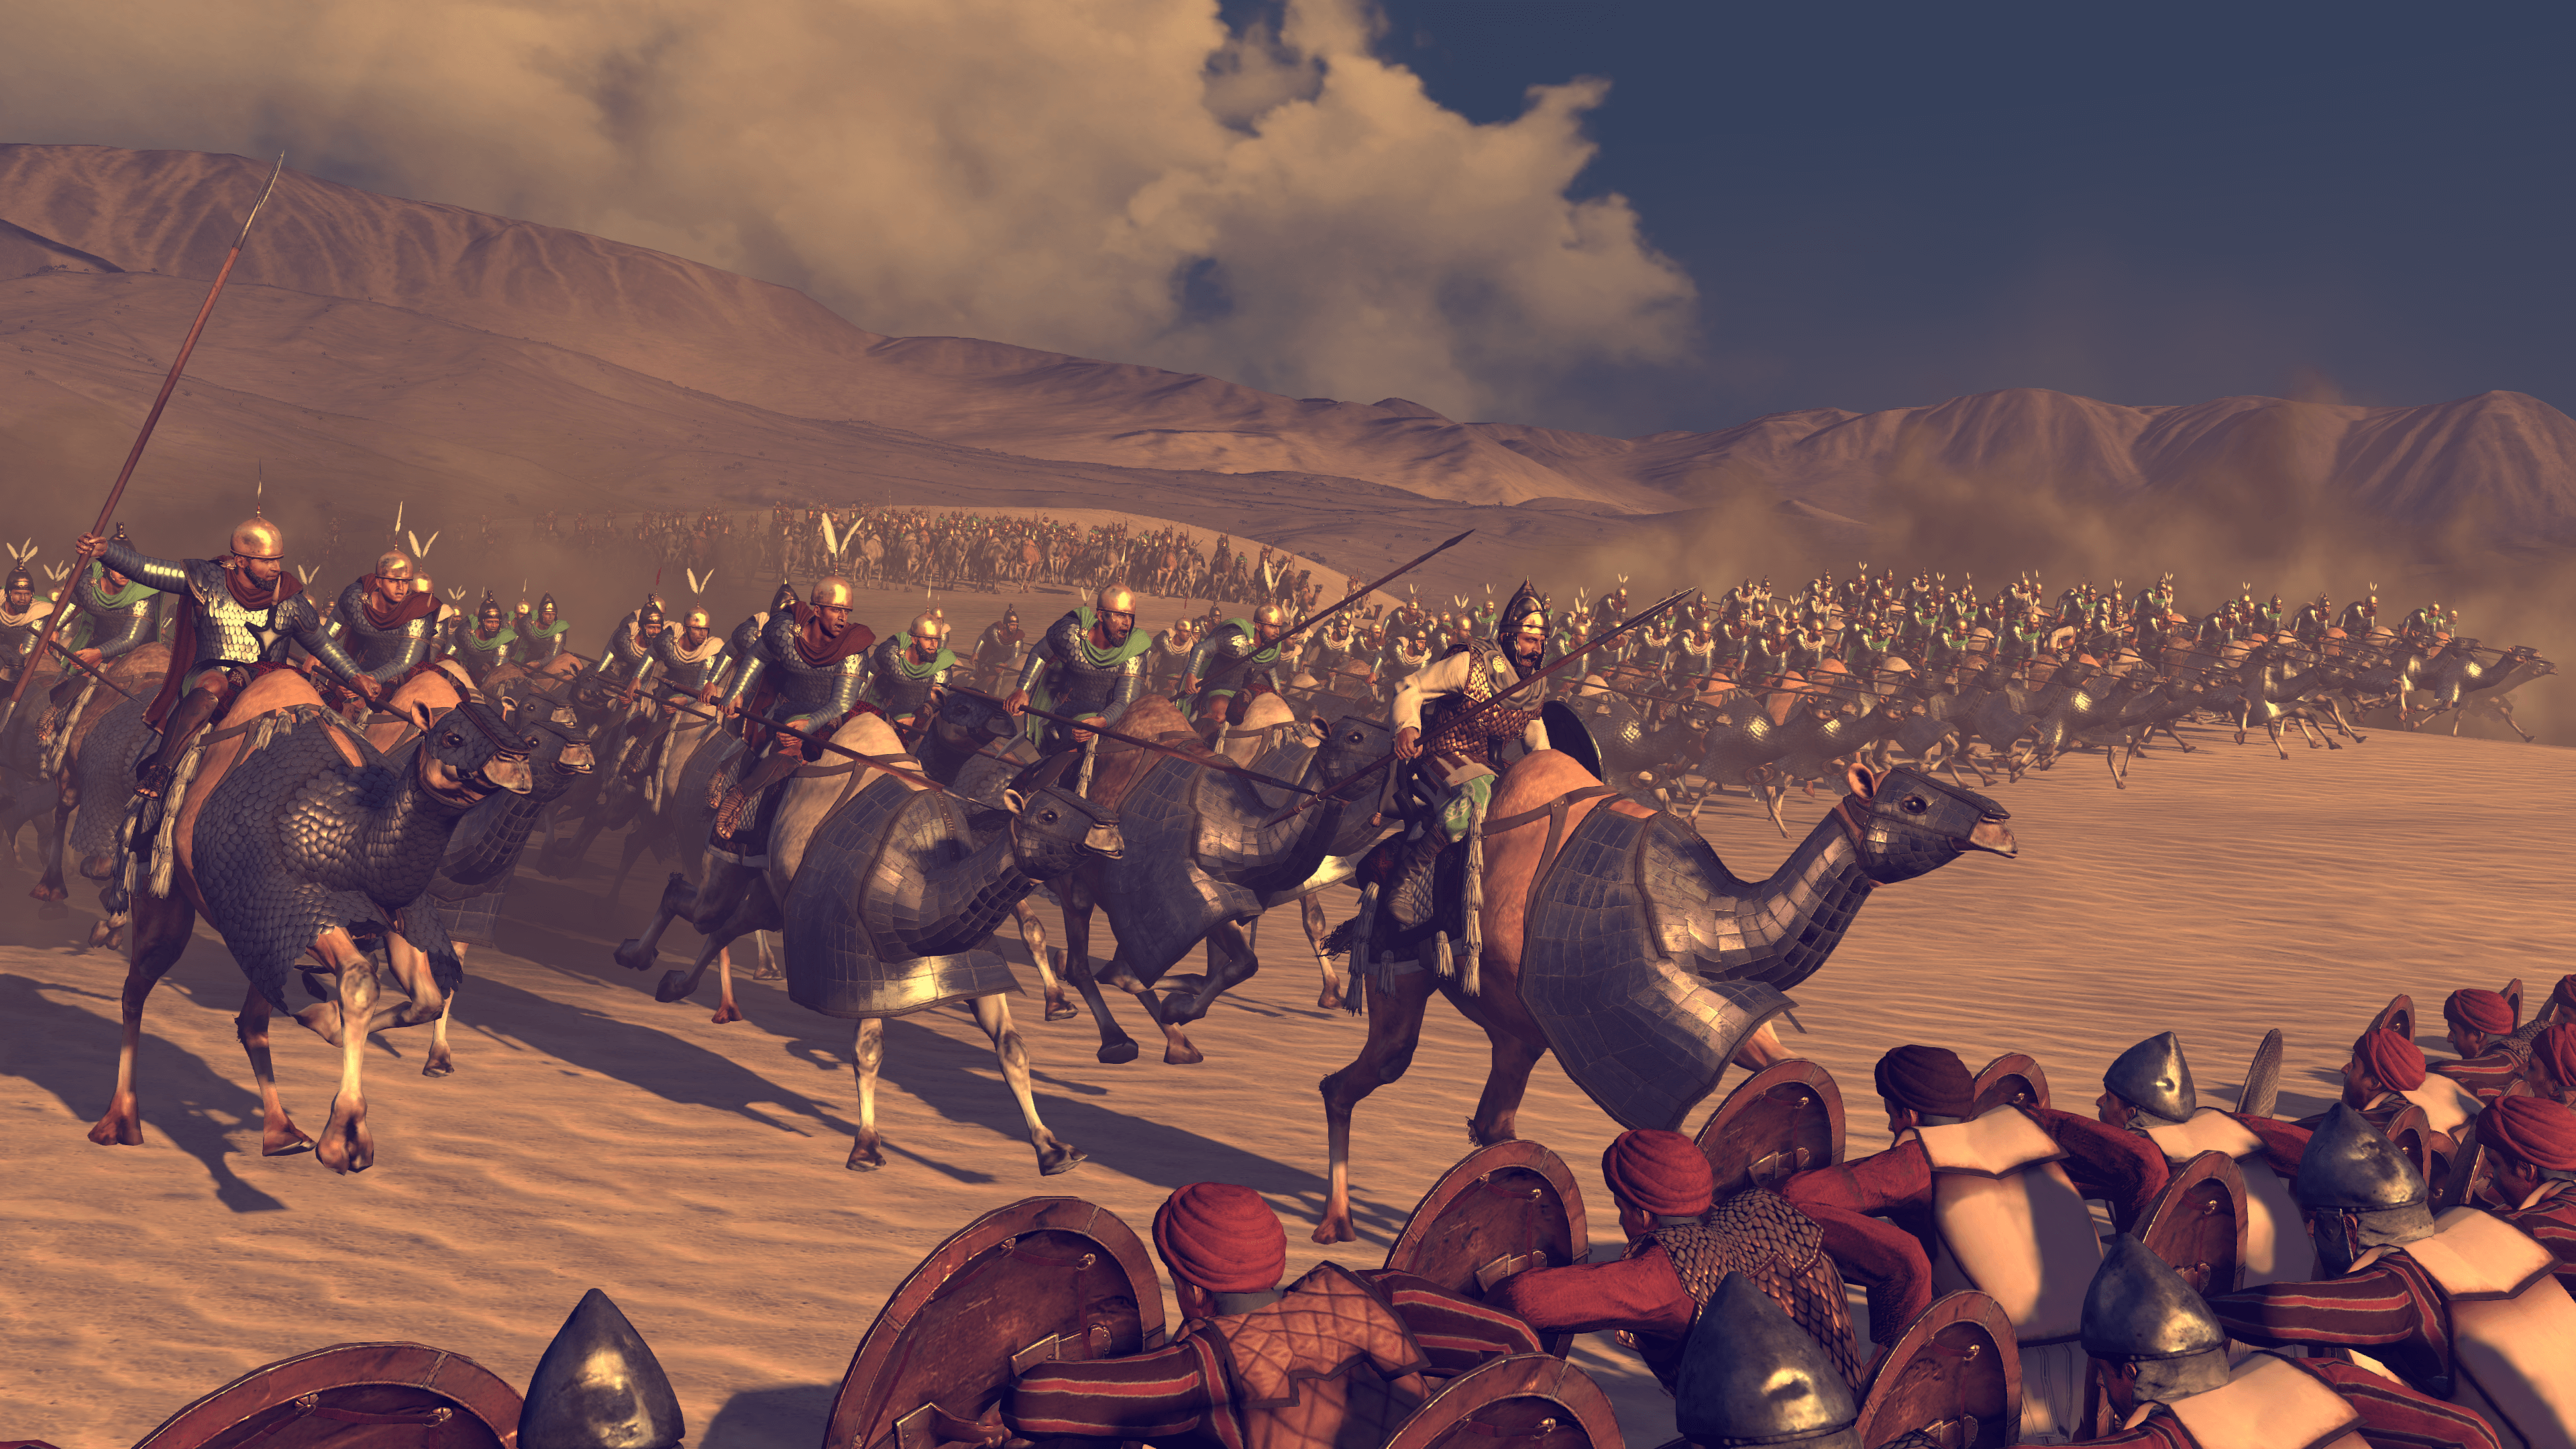 Total War ROME 2 deserto - I regni del deserto nel nuovo DLC di Total War: ROME 2